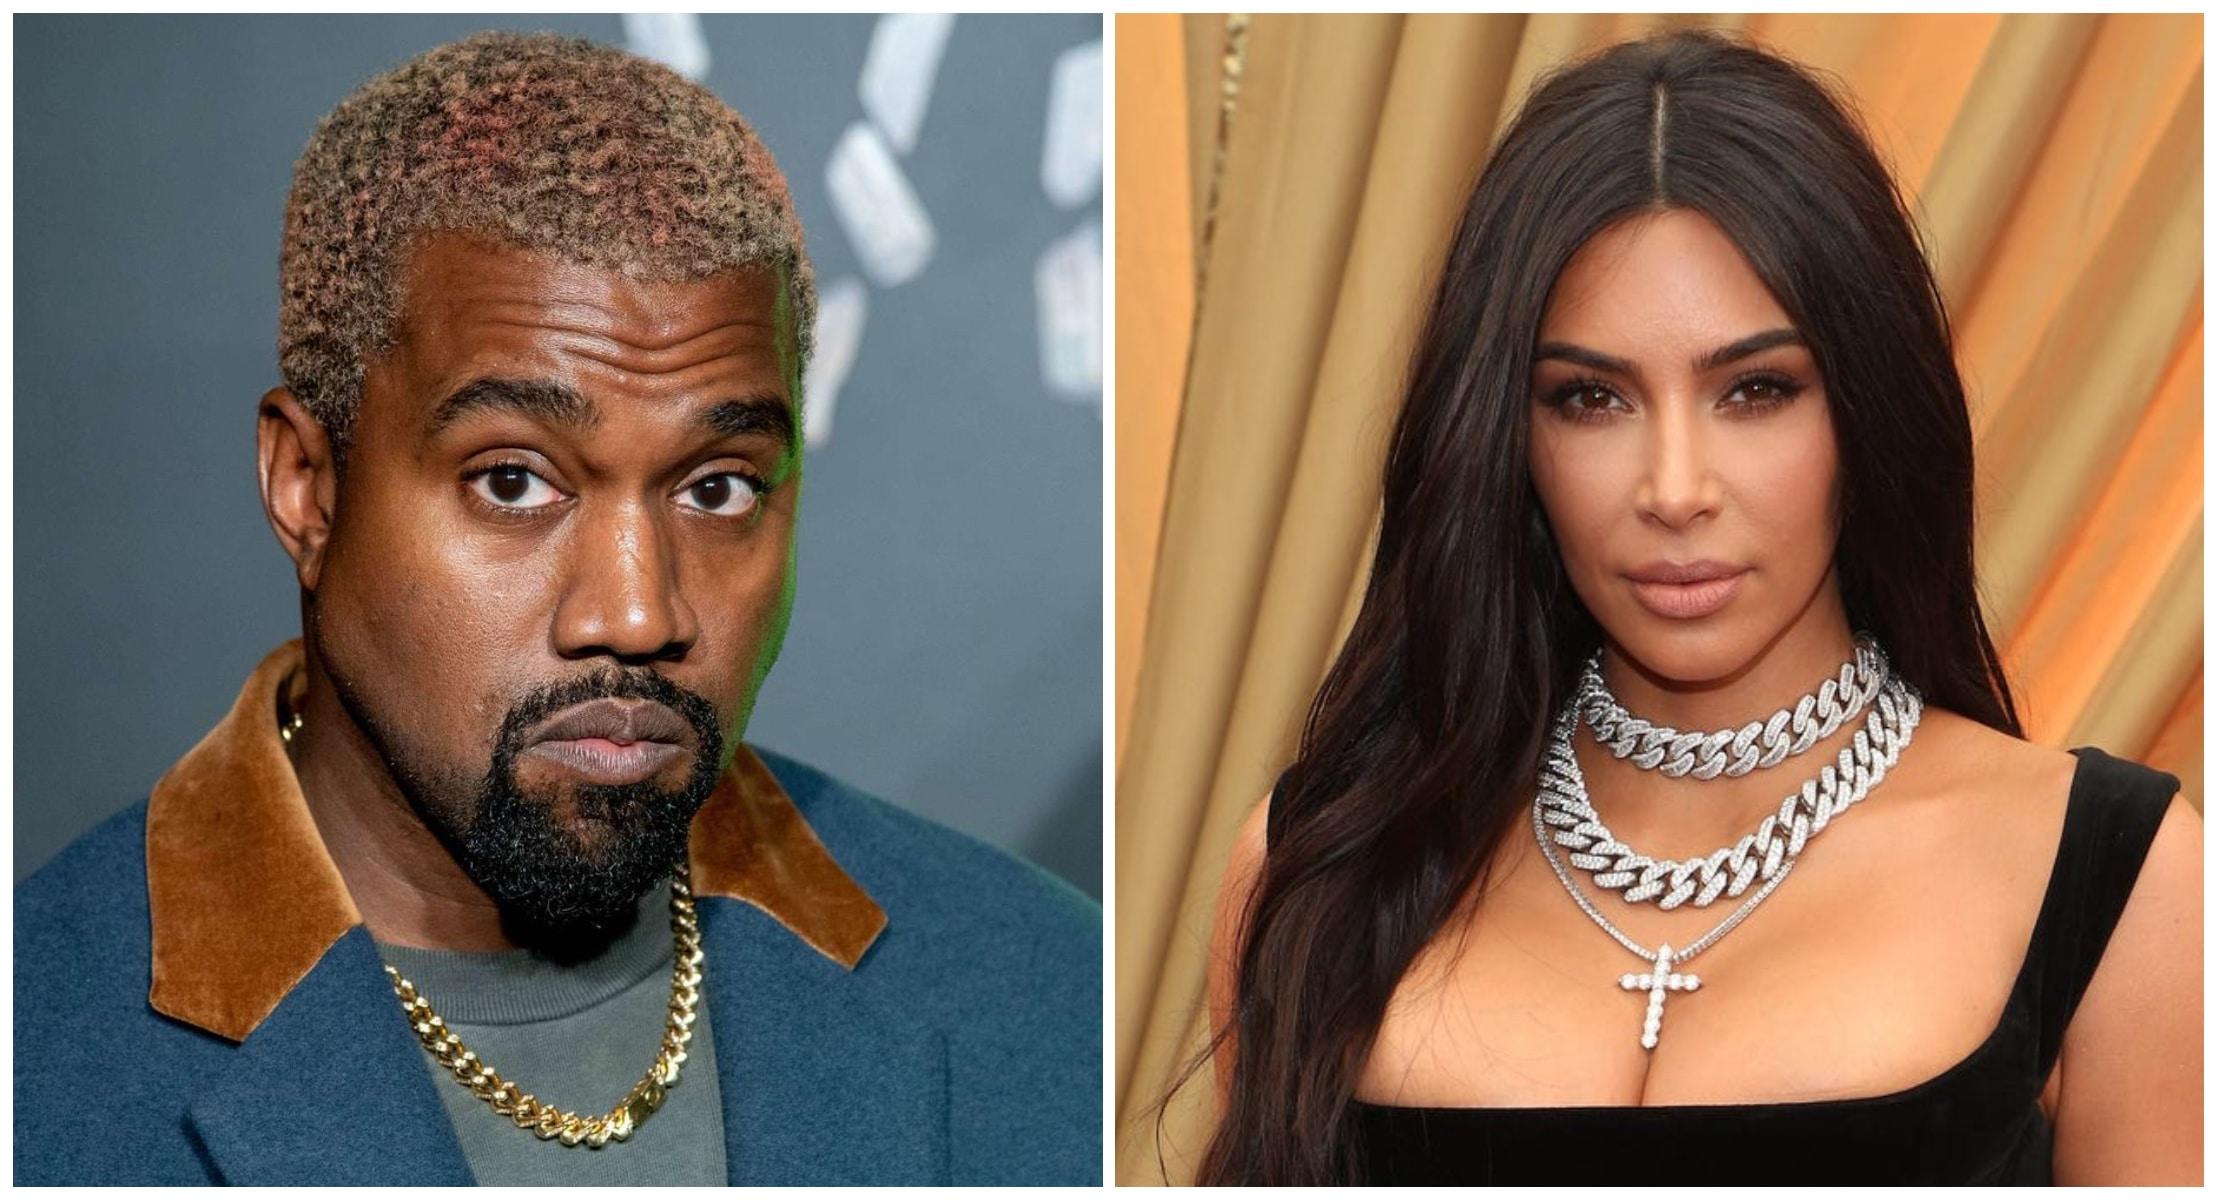 Kanye West perd pied : il accuse sa femme Kim Kardashian de vouloir l'interner